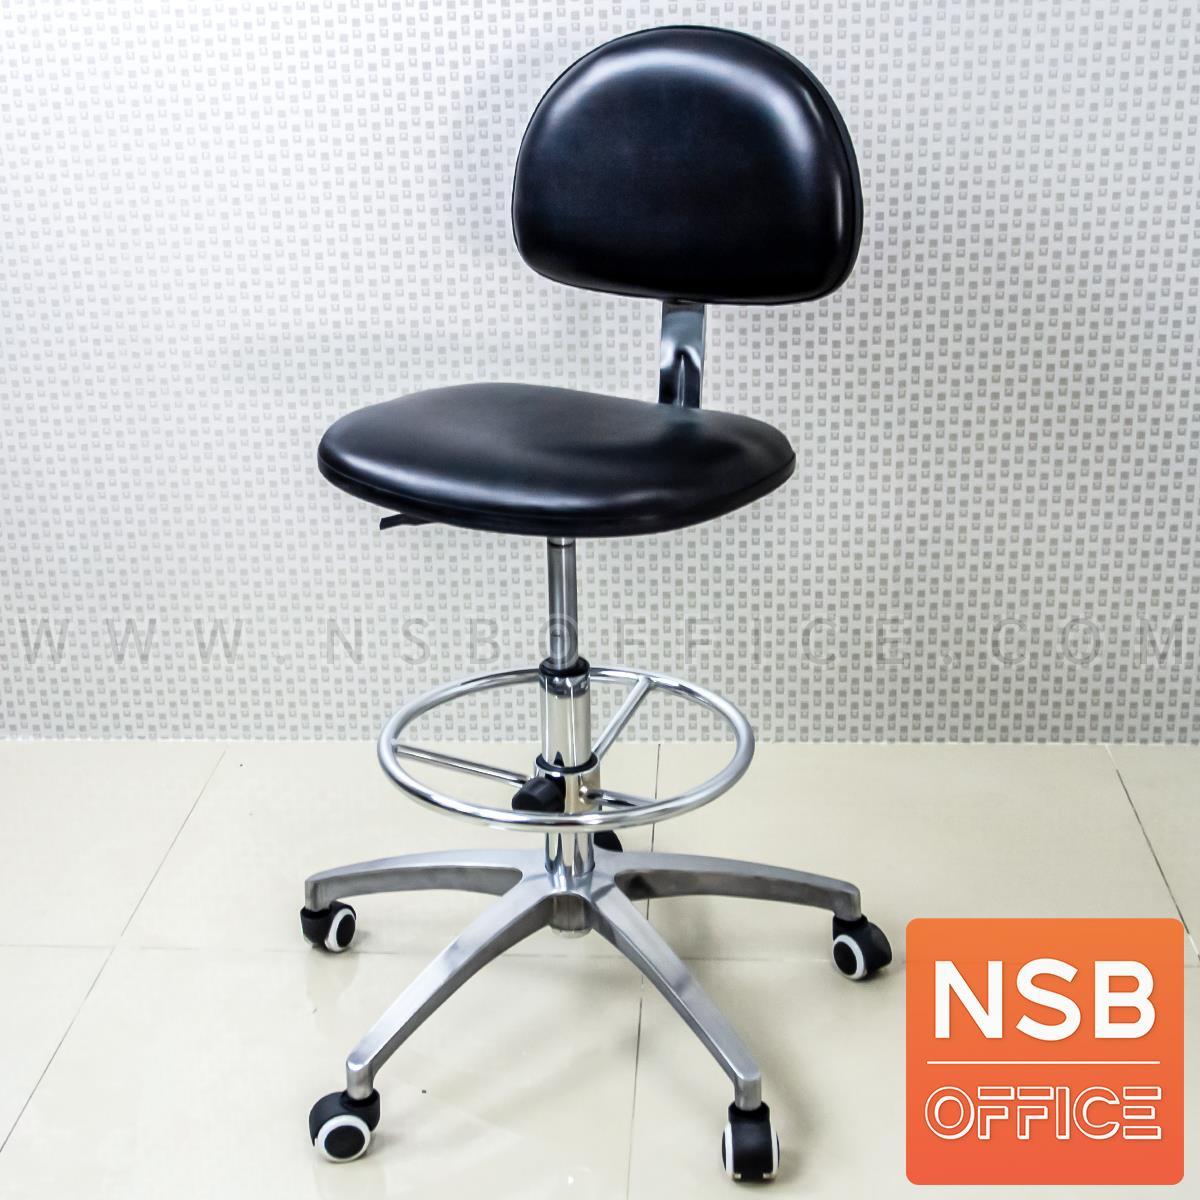 B02A106:เก้าอี้บาร์ที่นั่งเหลี่ยมล้อเลื่อน รุ่น Vernis (เวอร์นิส)  ขาอลูมิเนียม หนังดำ